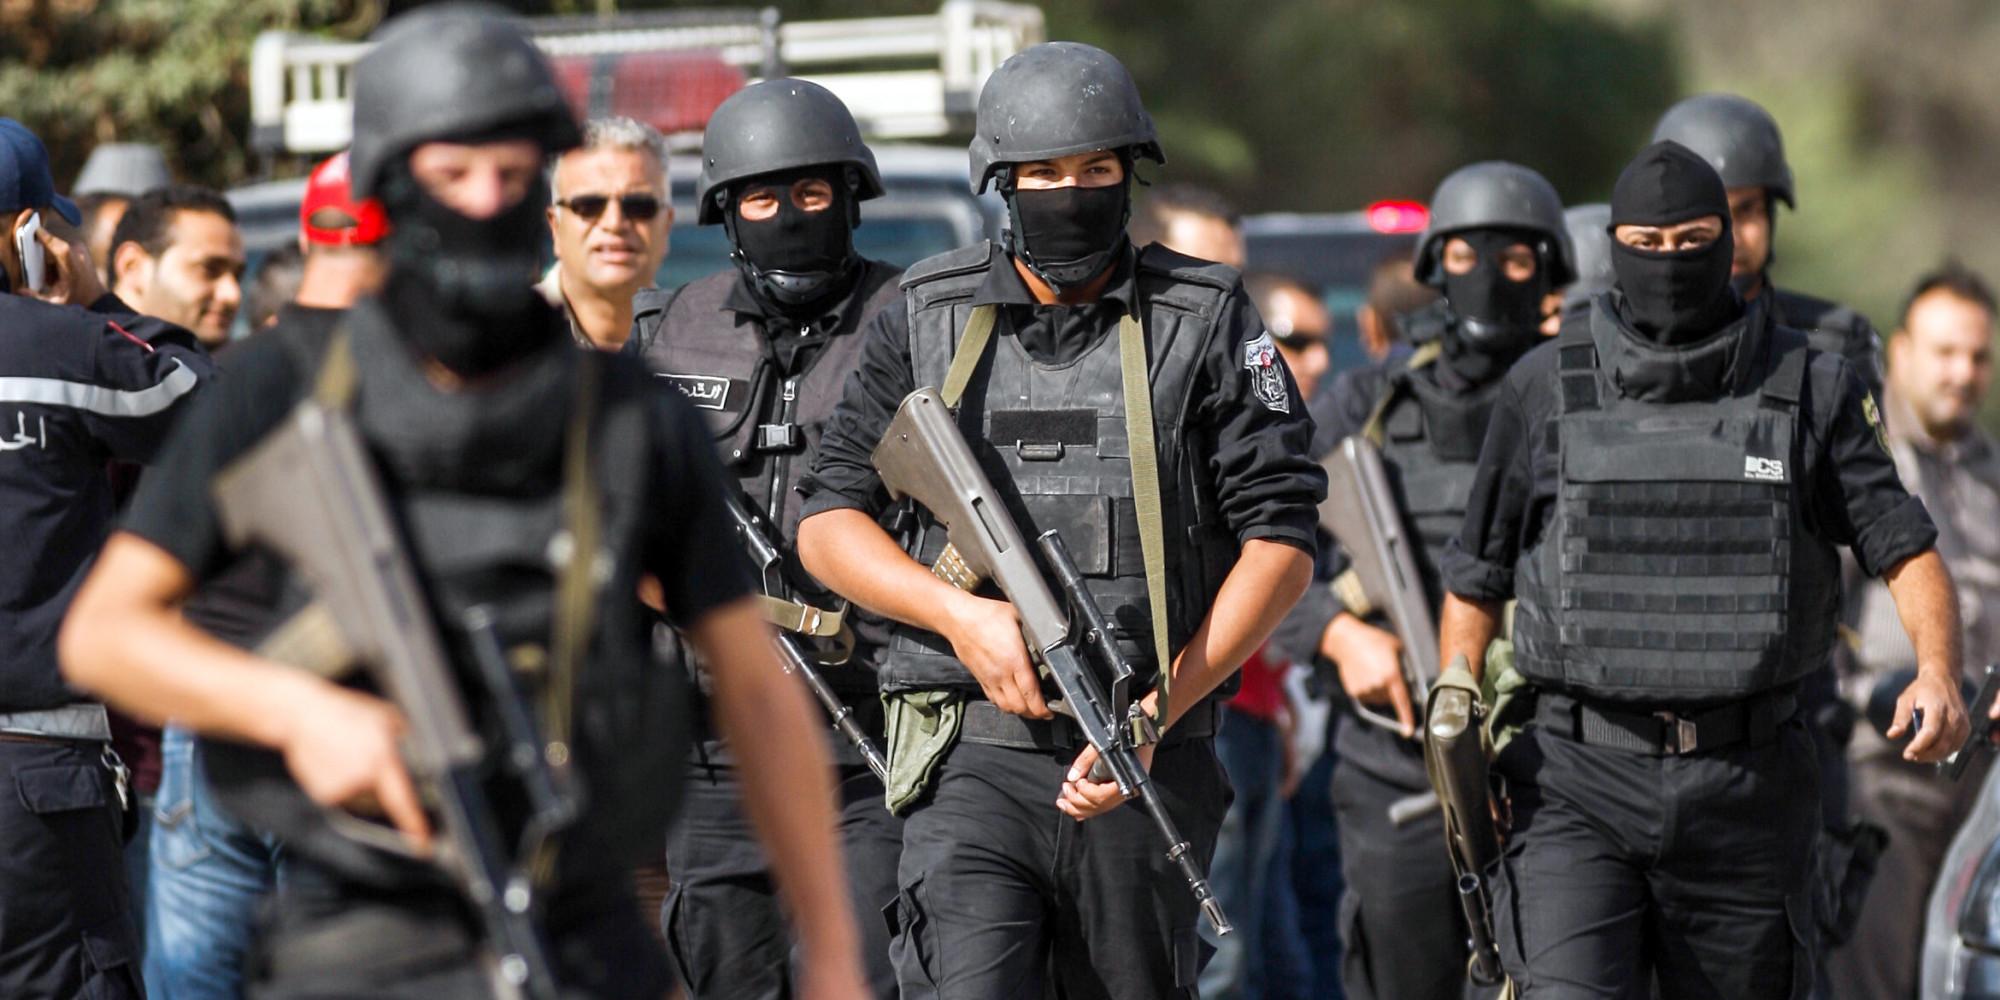 un projet terroriste d envergure d jou et un r seau terroriste d mantel en tunisie barlamane. Black Bedroom Furniture Sets. Home Design Ideas